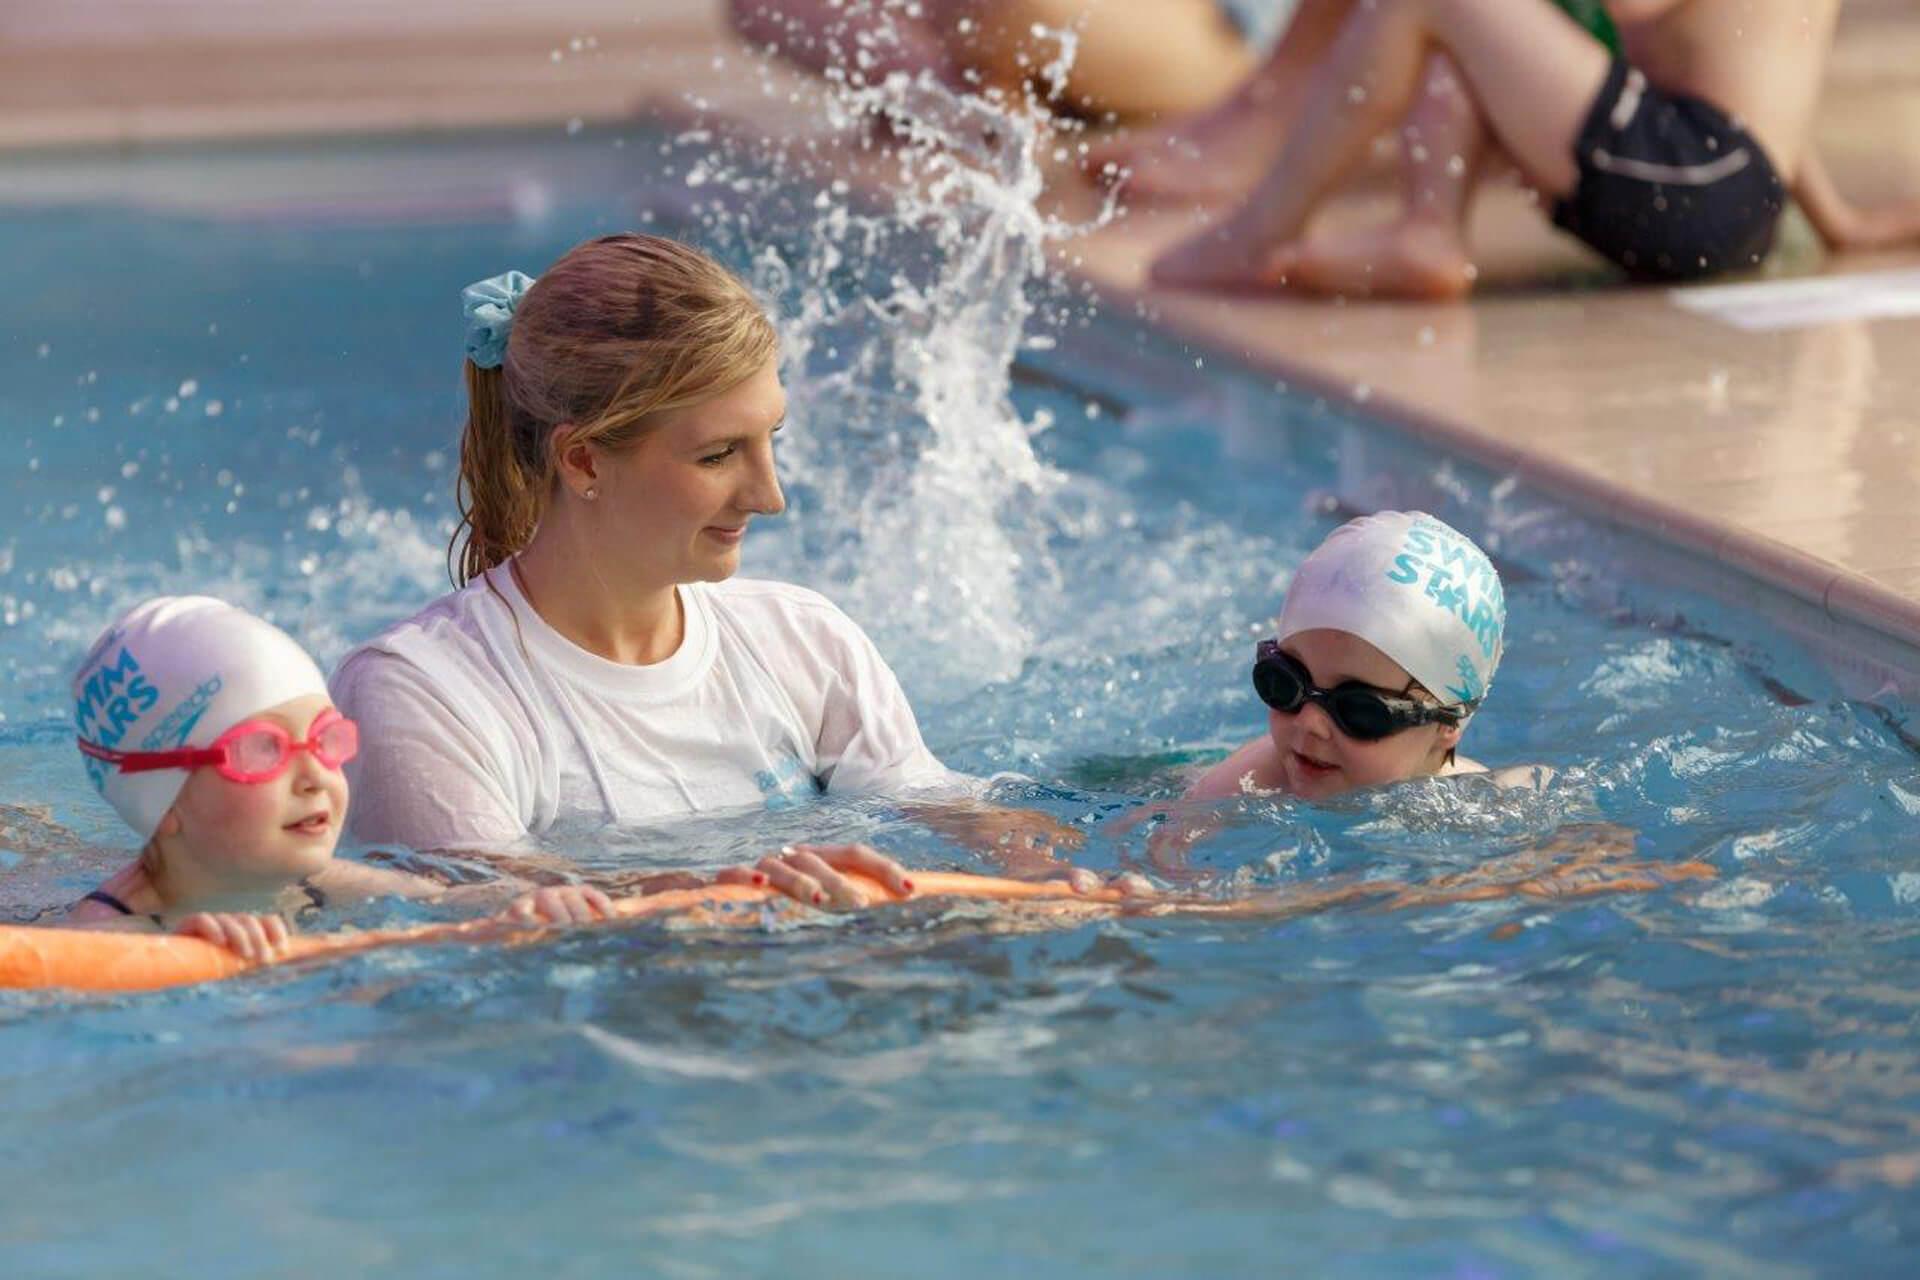 Swim stars with Rebecca